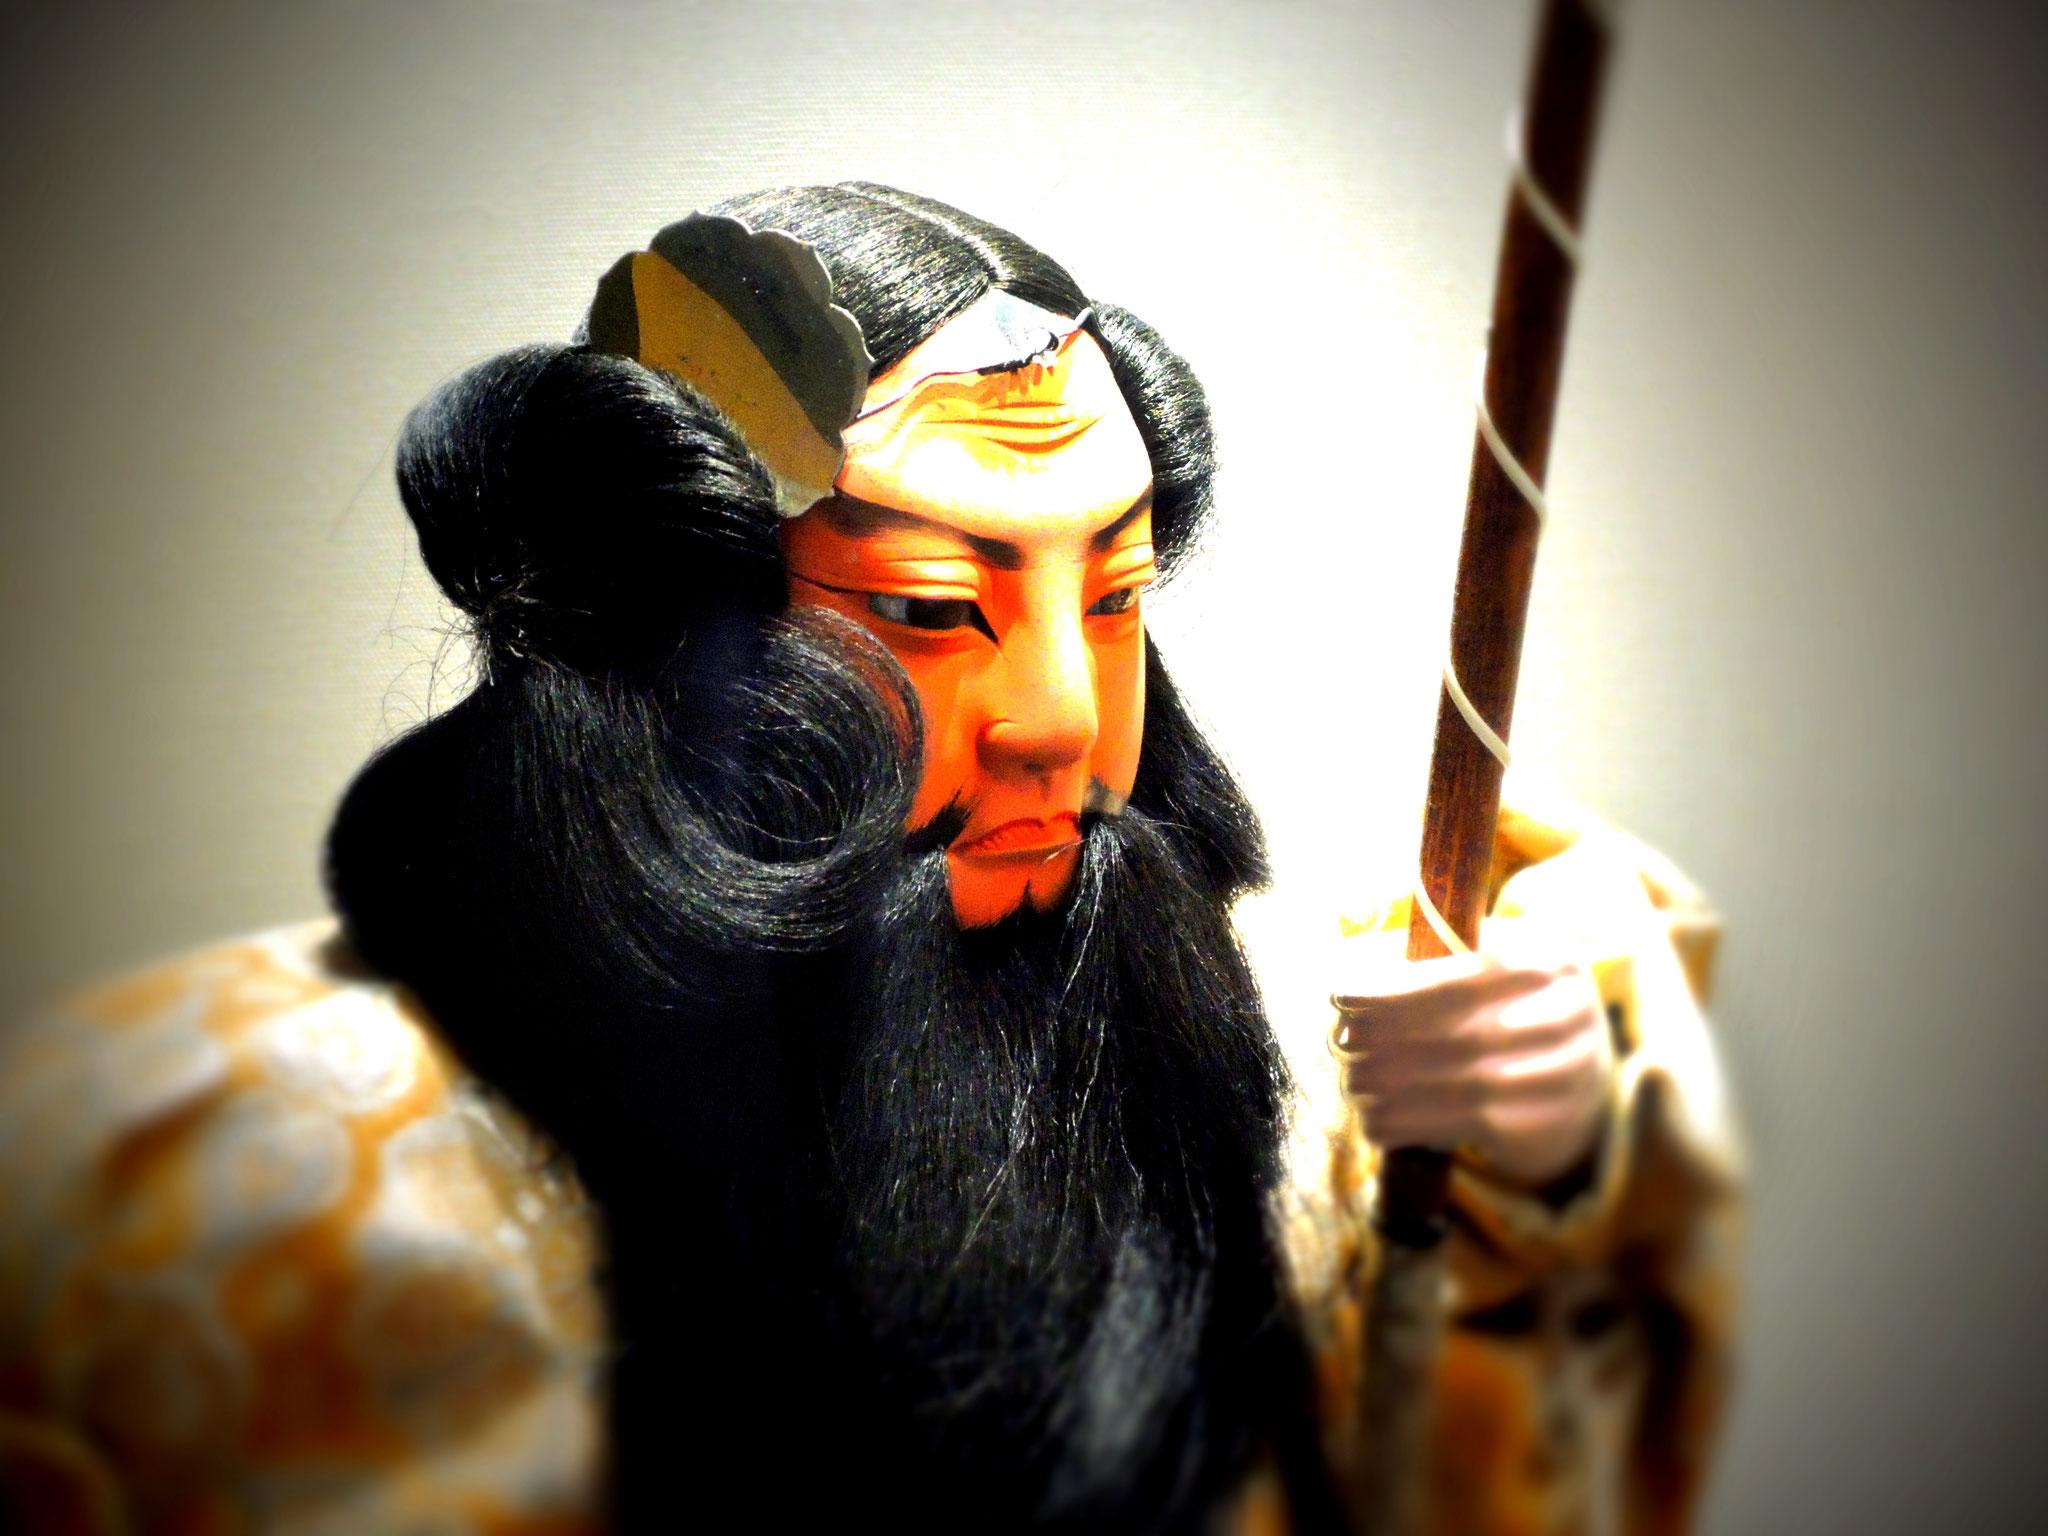 Japanische Samurai-Figur, wie sie anlässlich des Knabenfests (jährlich am 5. Mai) verschenkt wird